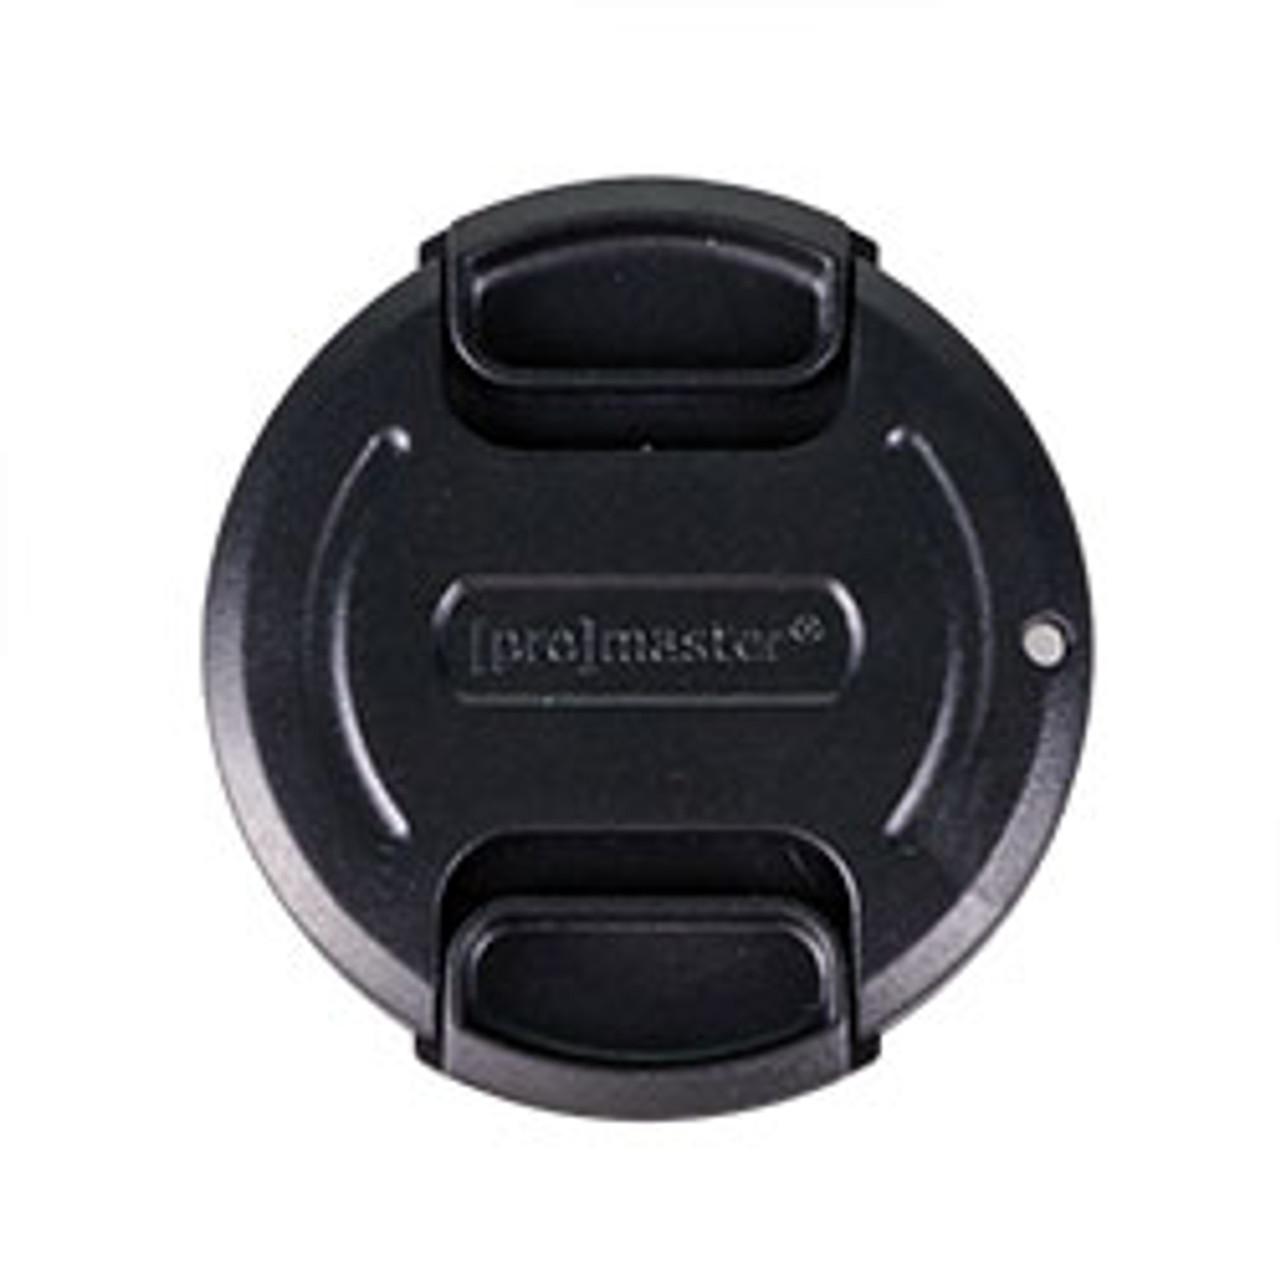 Promaster Professional Lens Cap - 58mm